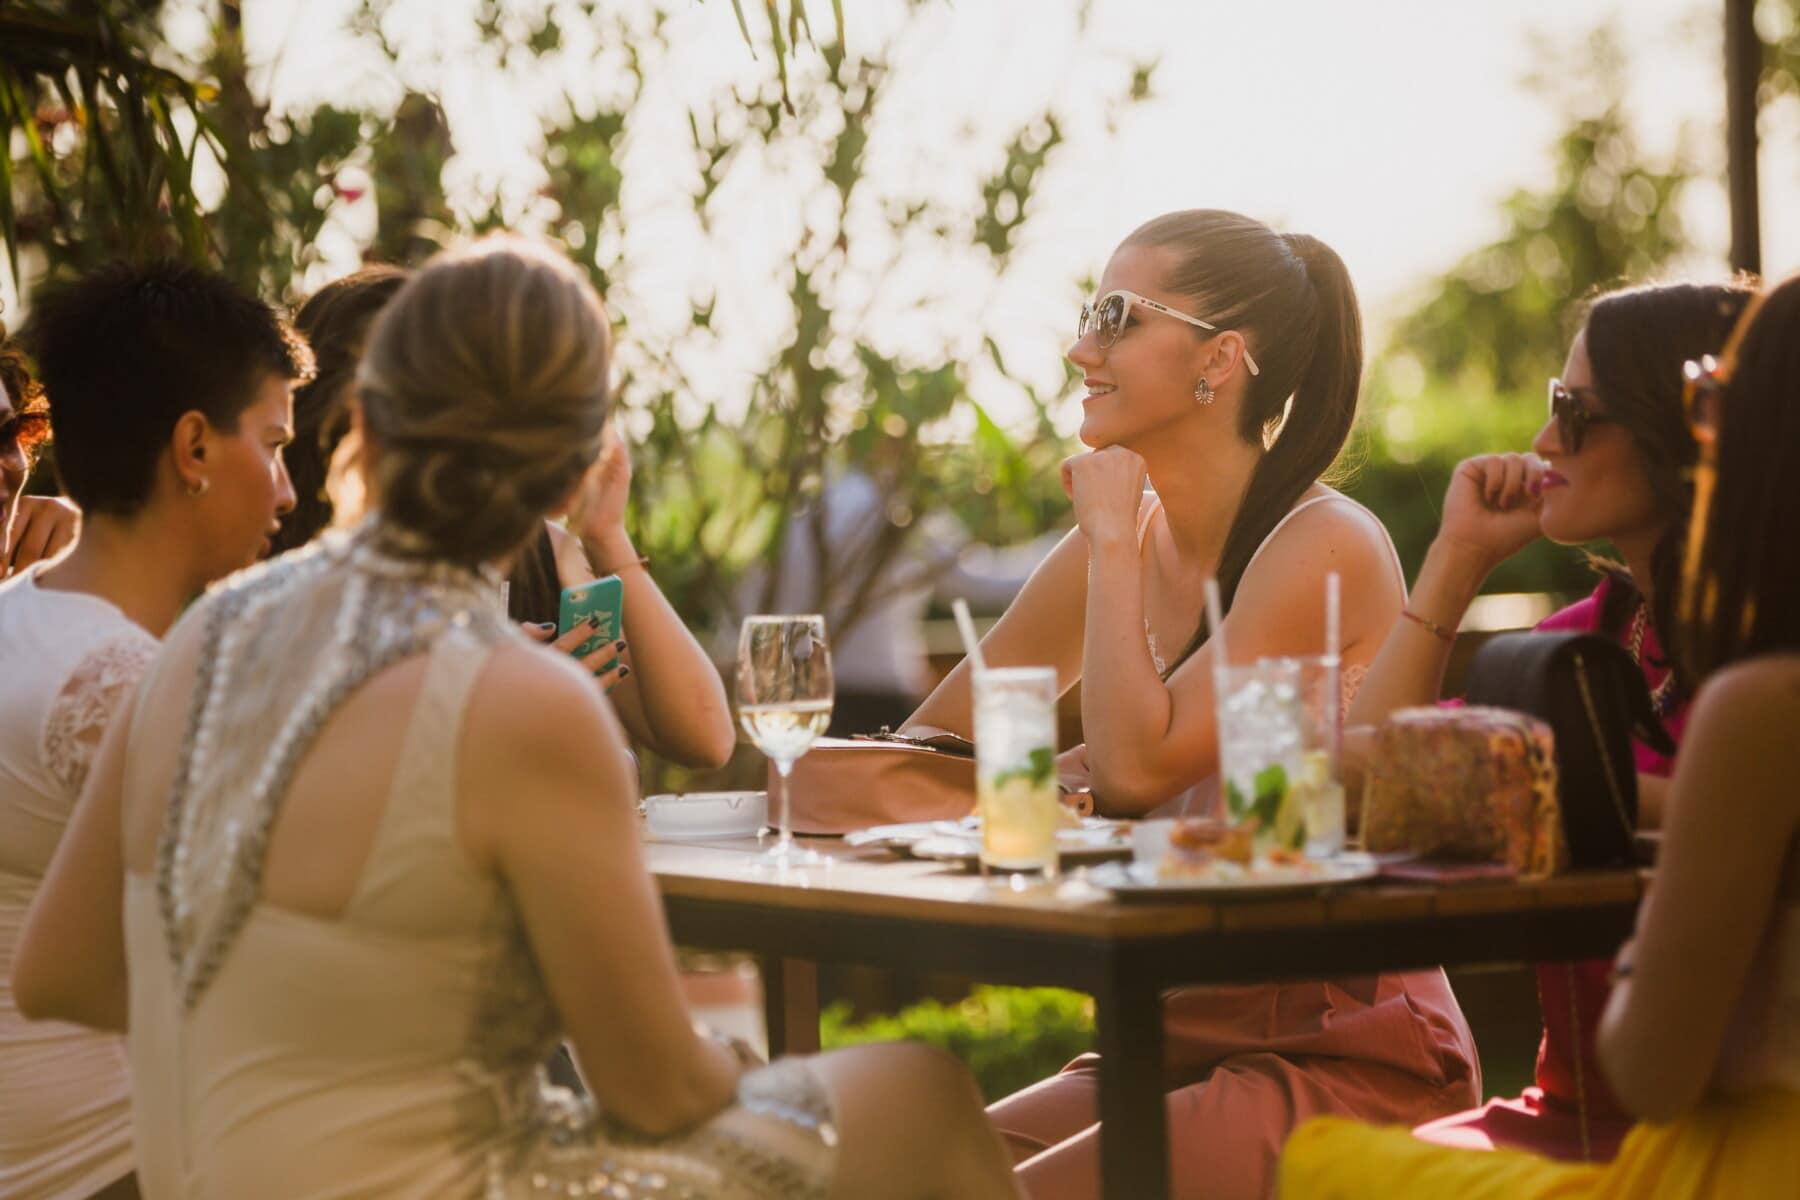 cafeteria, women, party, sitting, enjoyment, cocktails, girls, girlfriend, friendship, friends